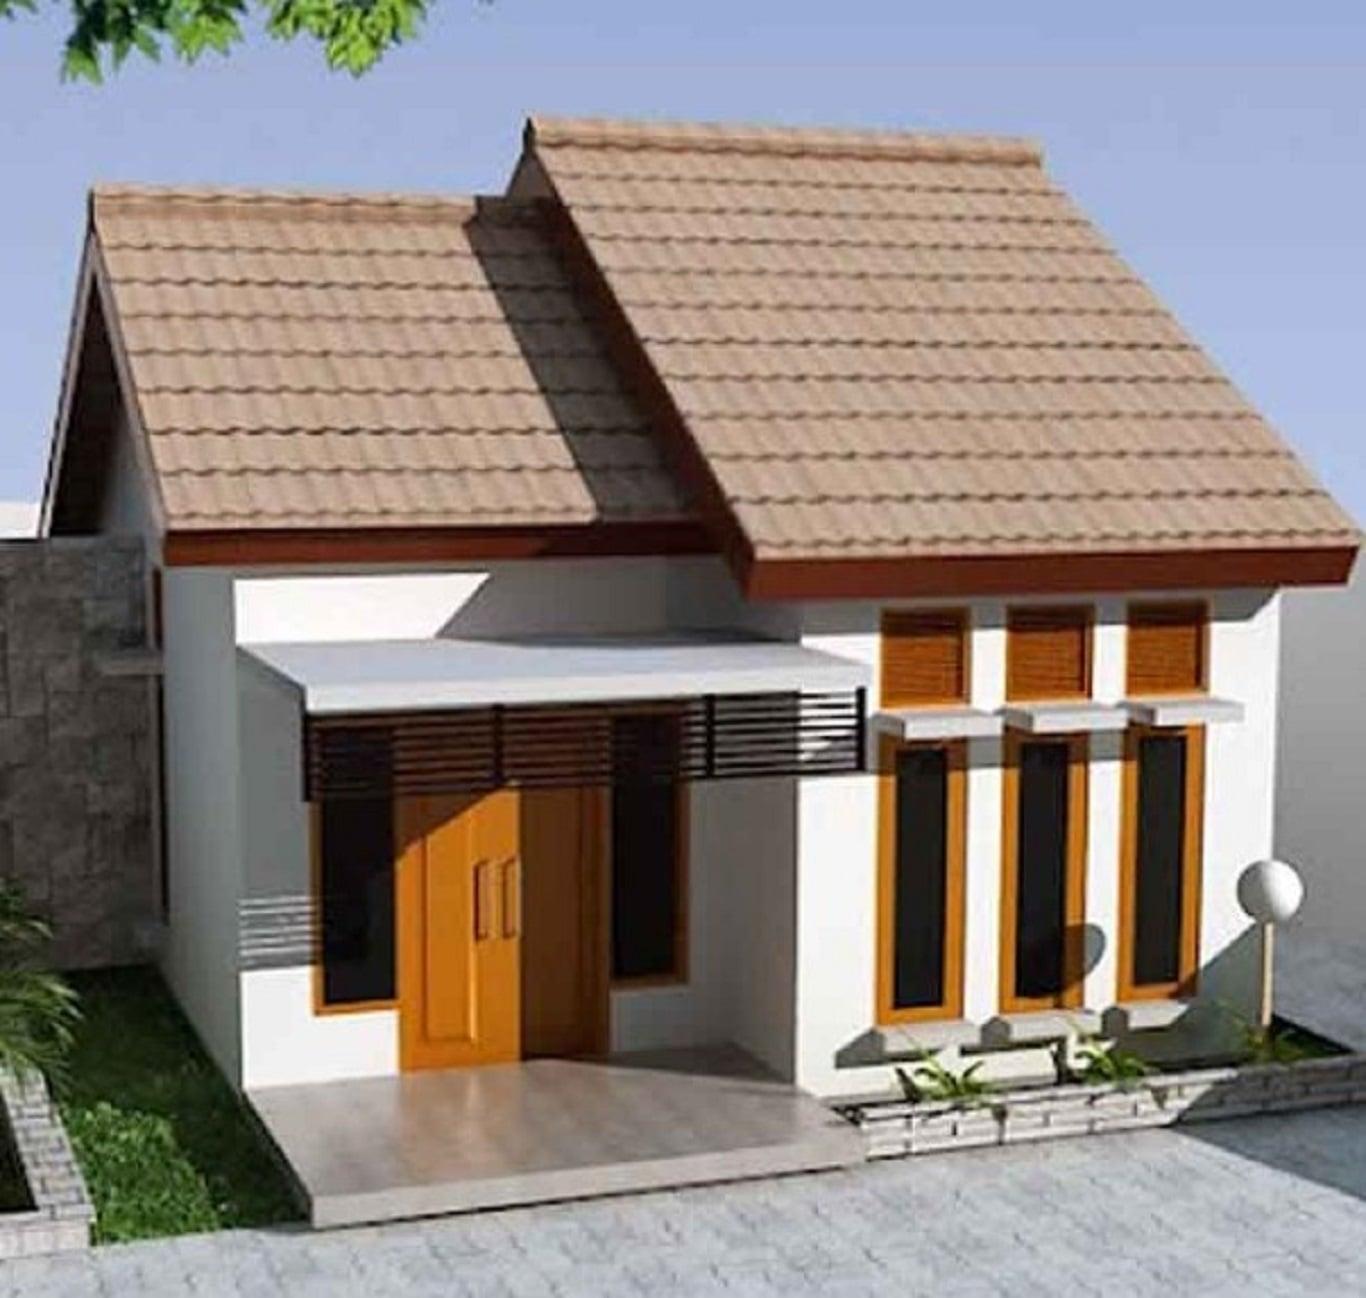 77 Gambar Desain Model Rumah Modern Di Desa Paling Terkenal Deagam Design